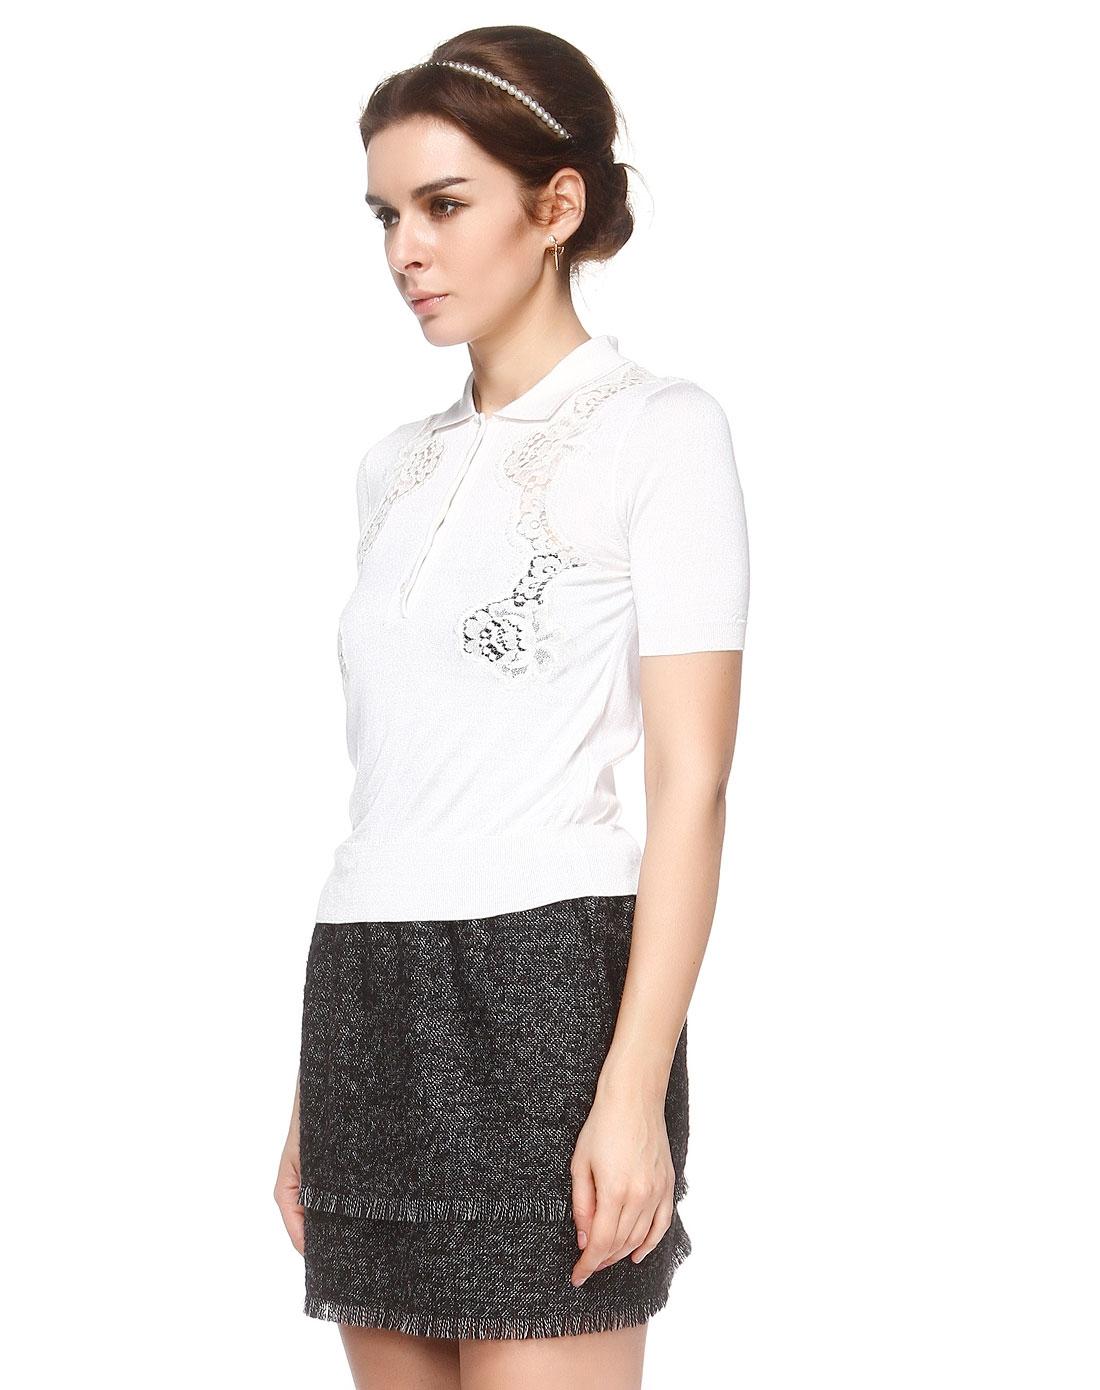 衬衫款式图手绘女短袖